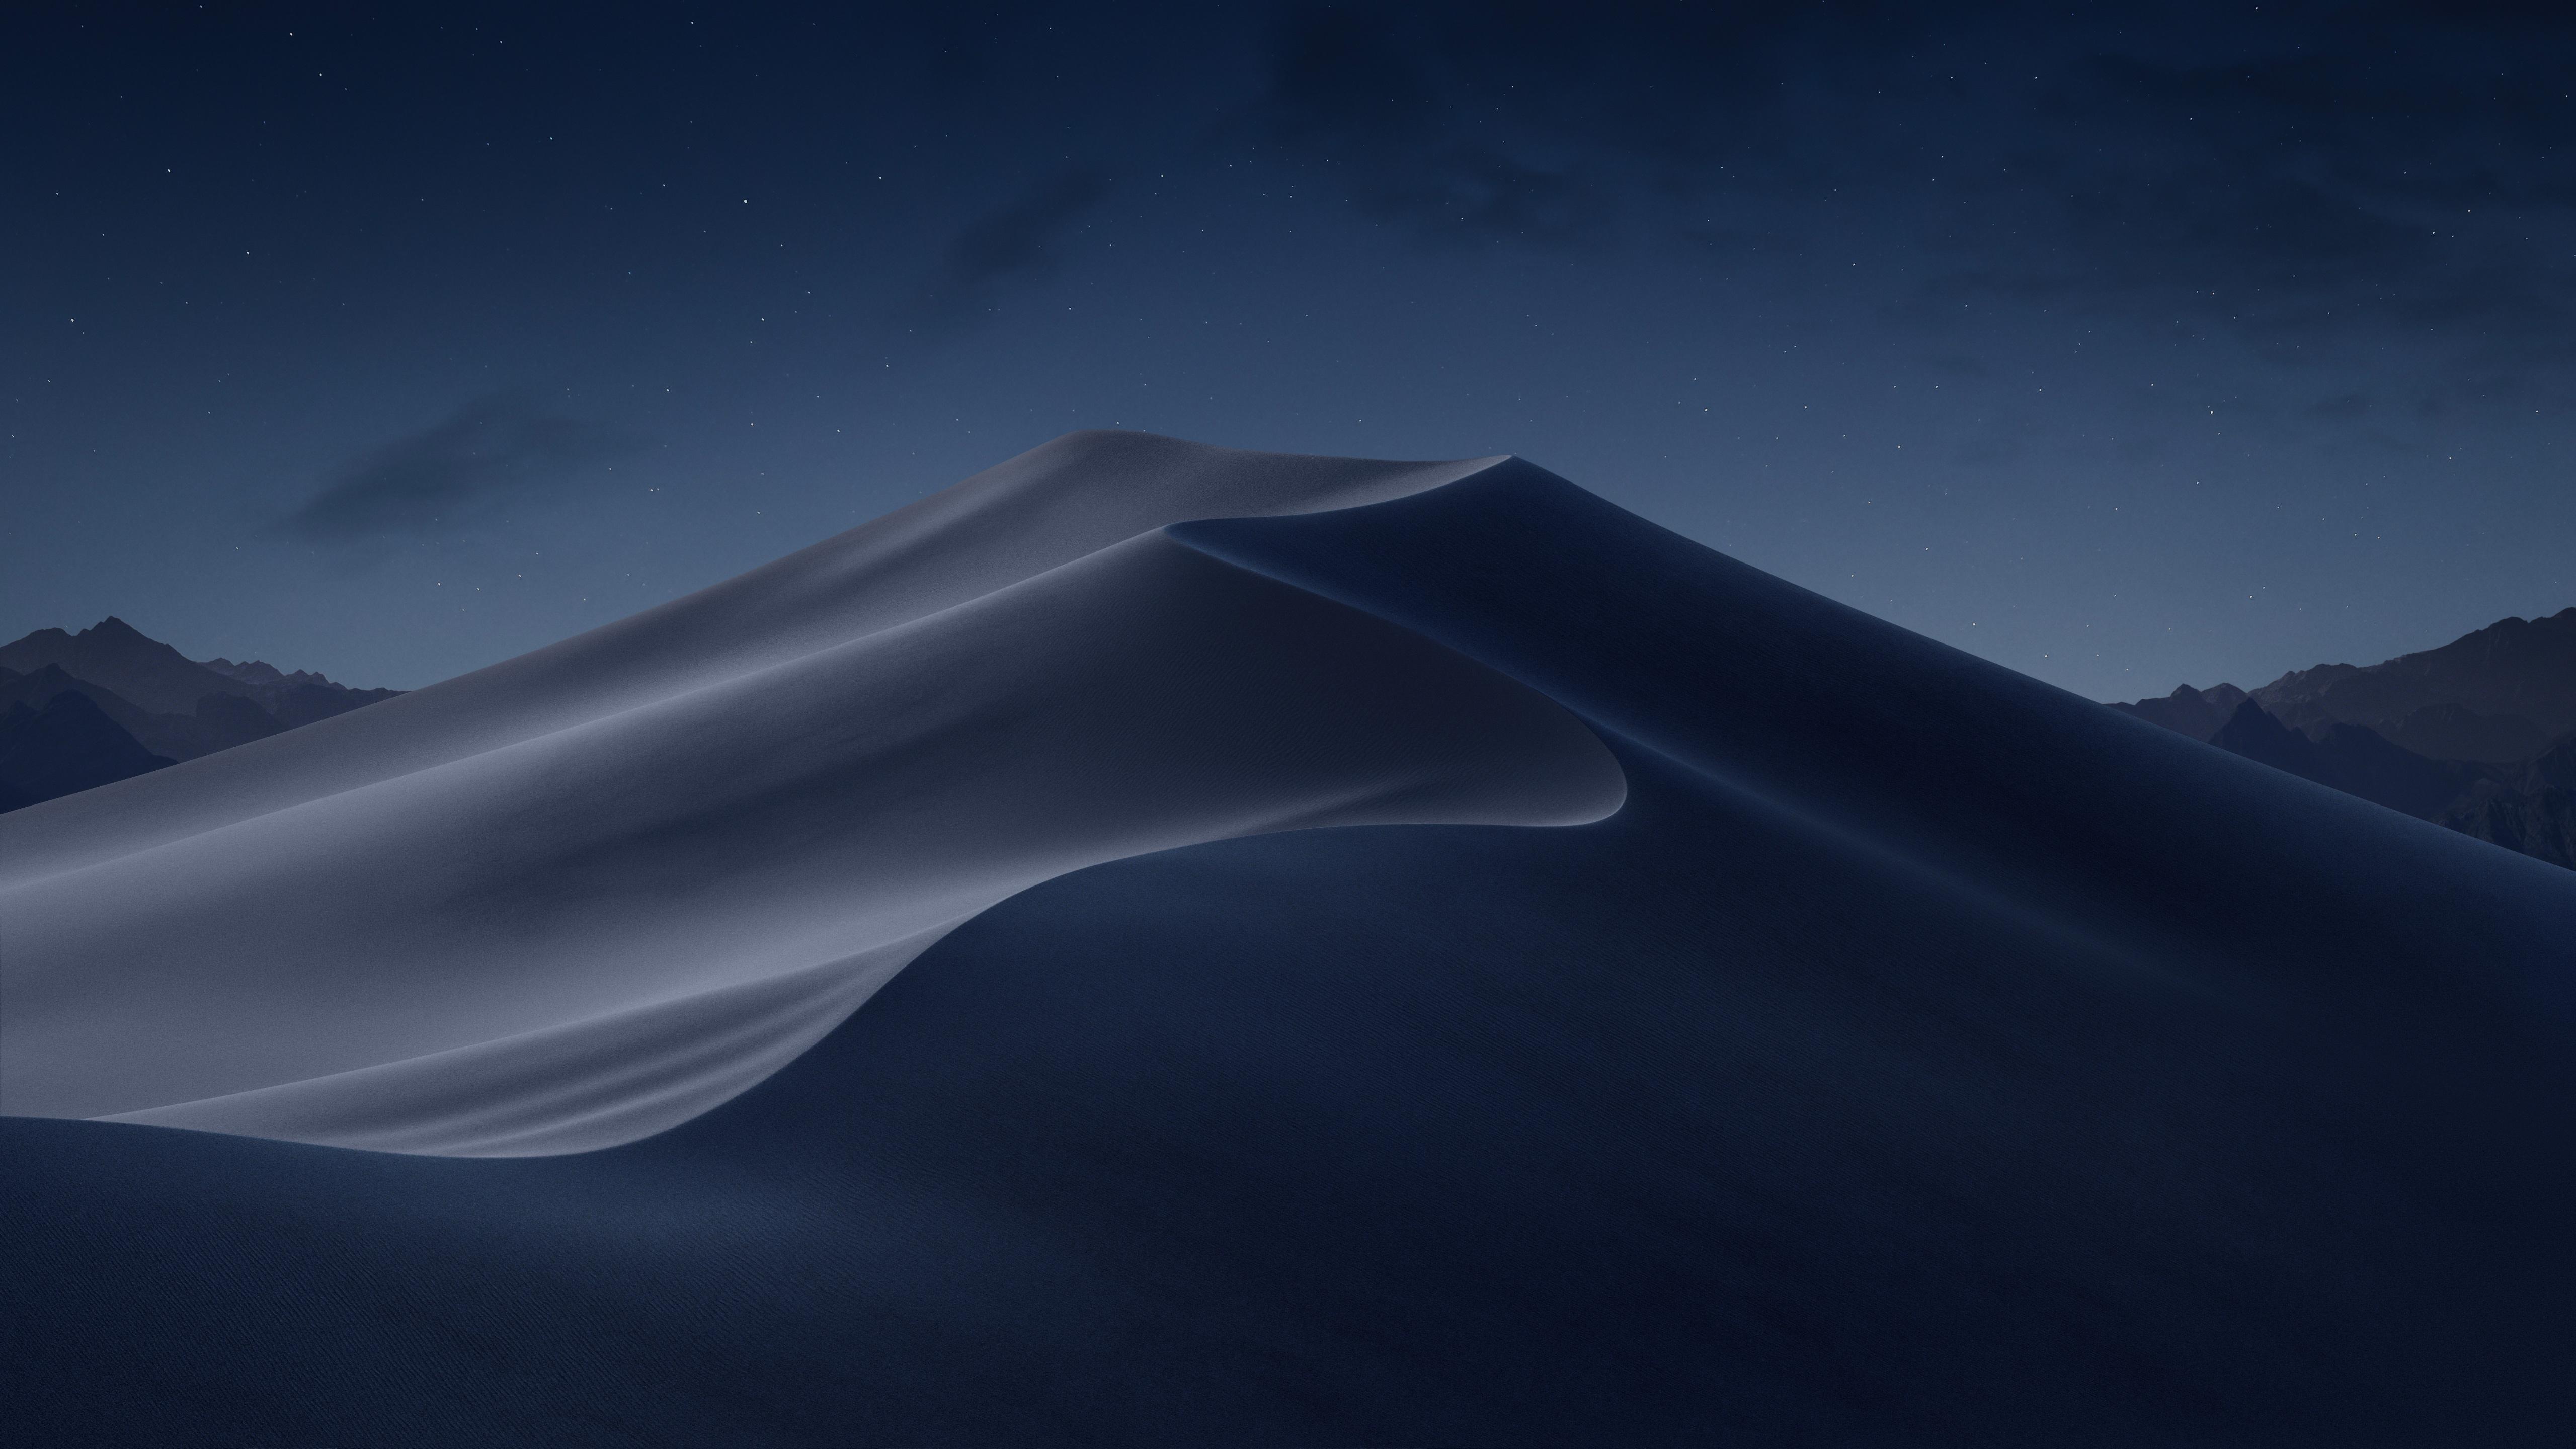 macOS 1014 Mojave Wallpaper [5120x2880] MacOS 5120x2880